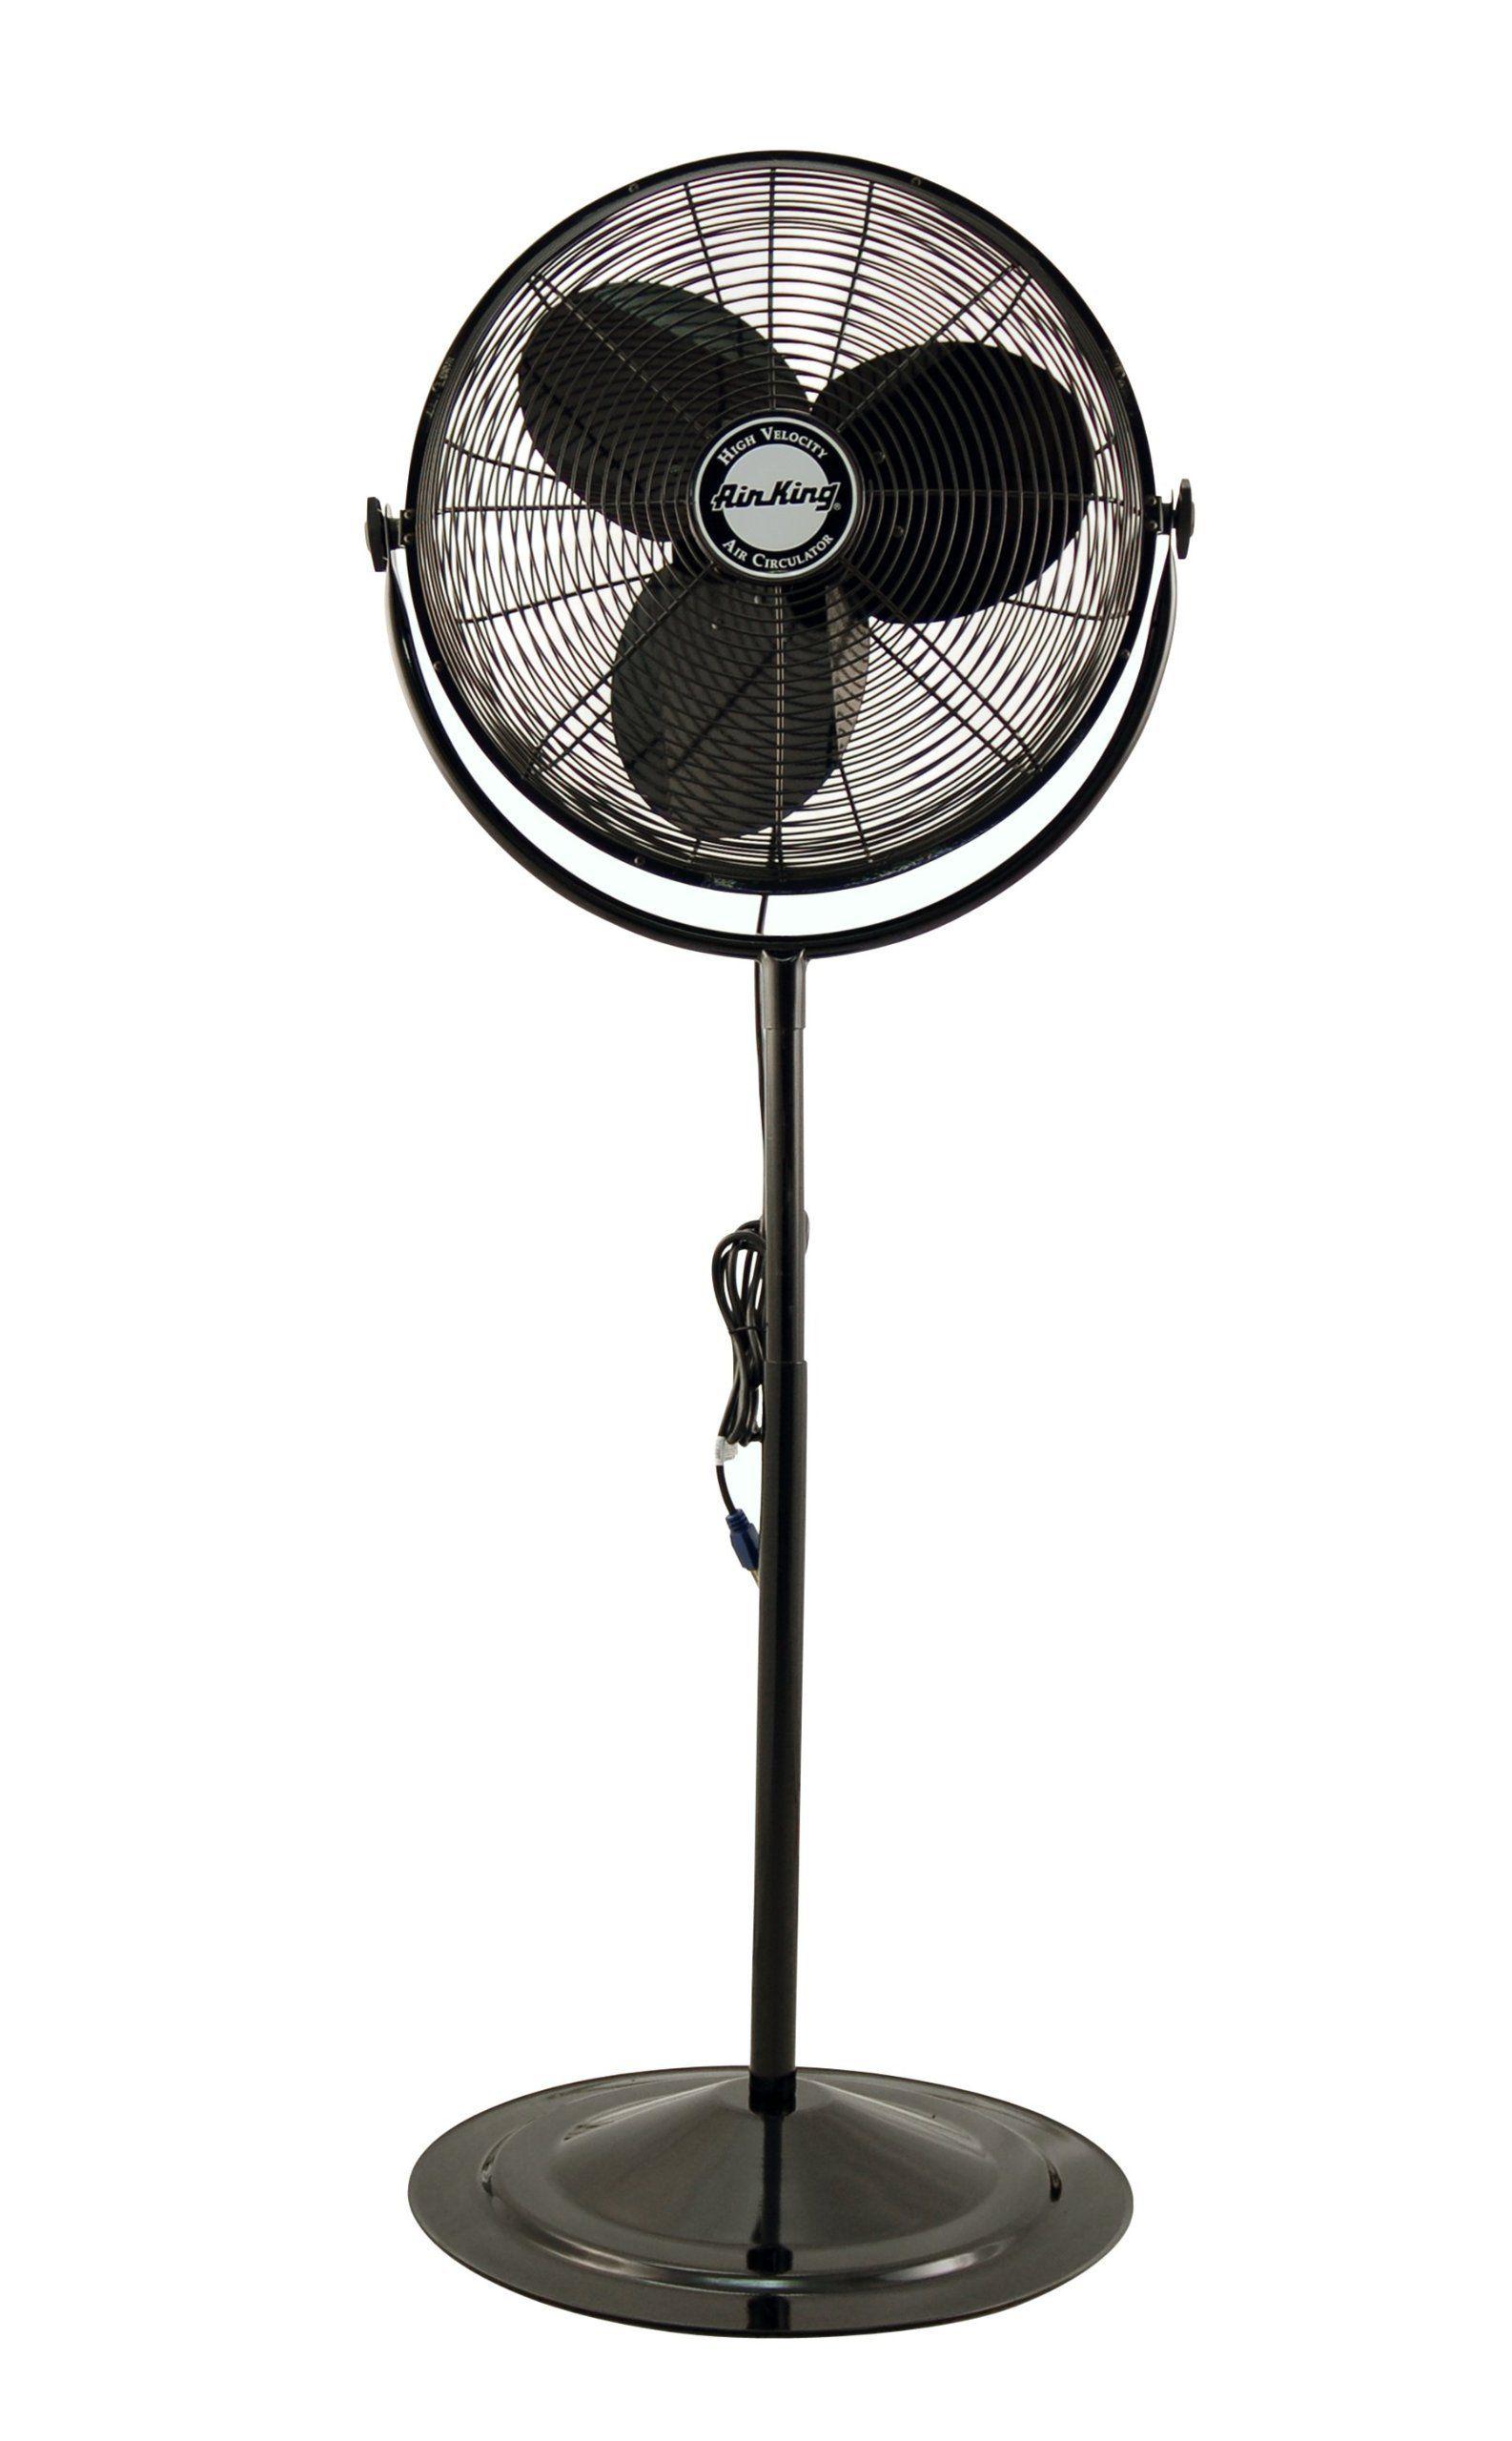 Air King 9420 20Inch Industrial Grade Pedestal Fan